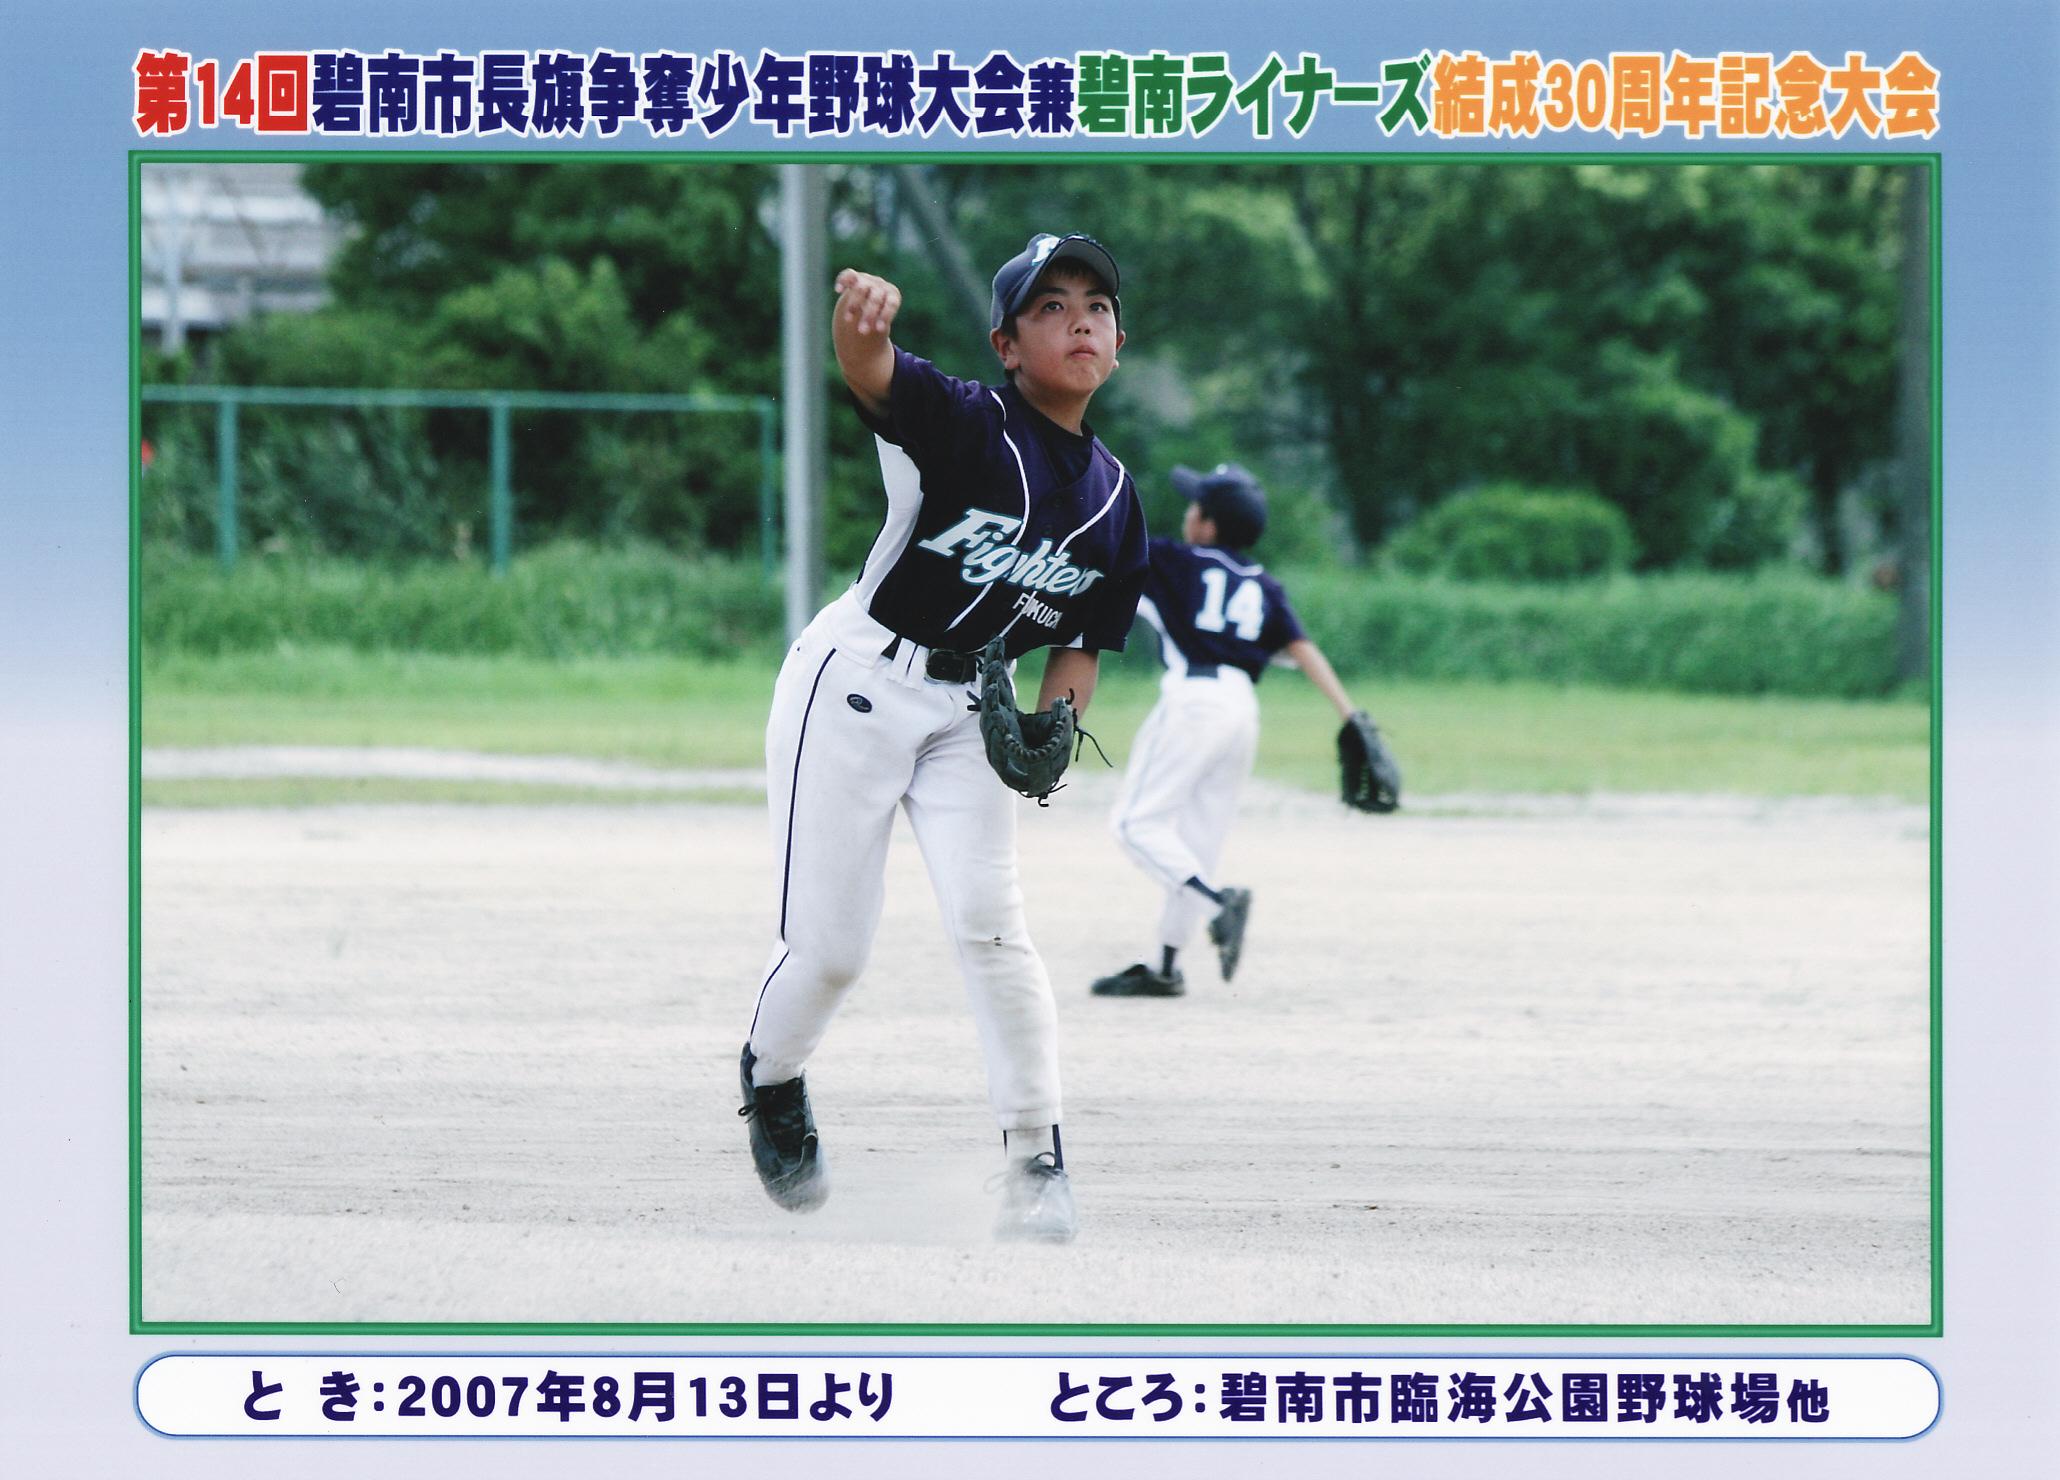 碧南市長期2007年8月_0047